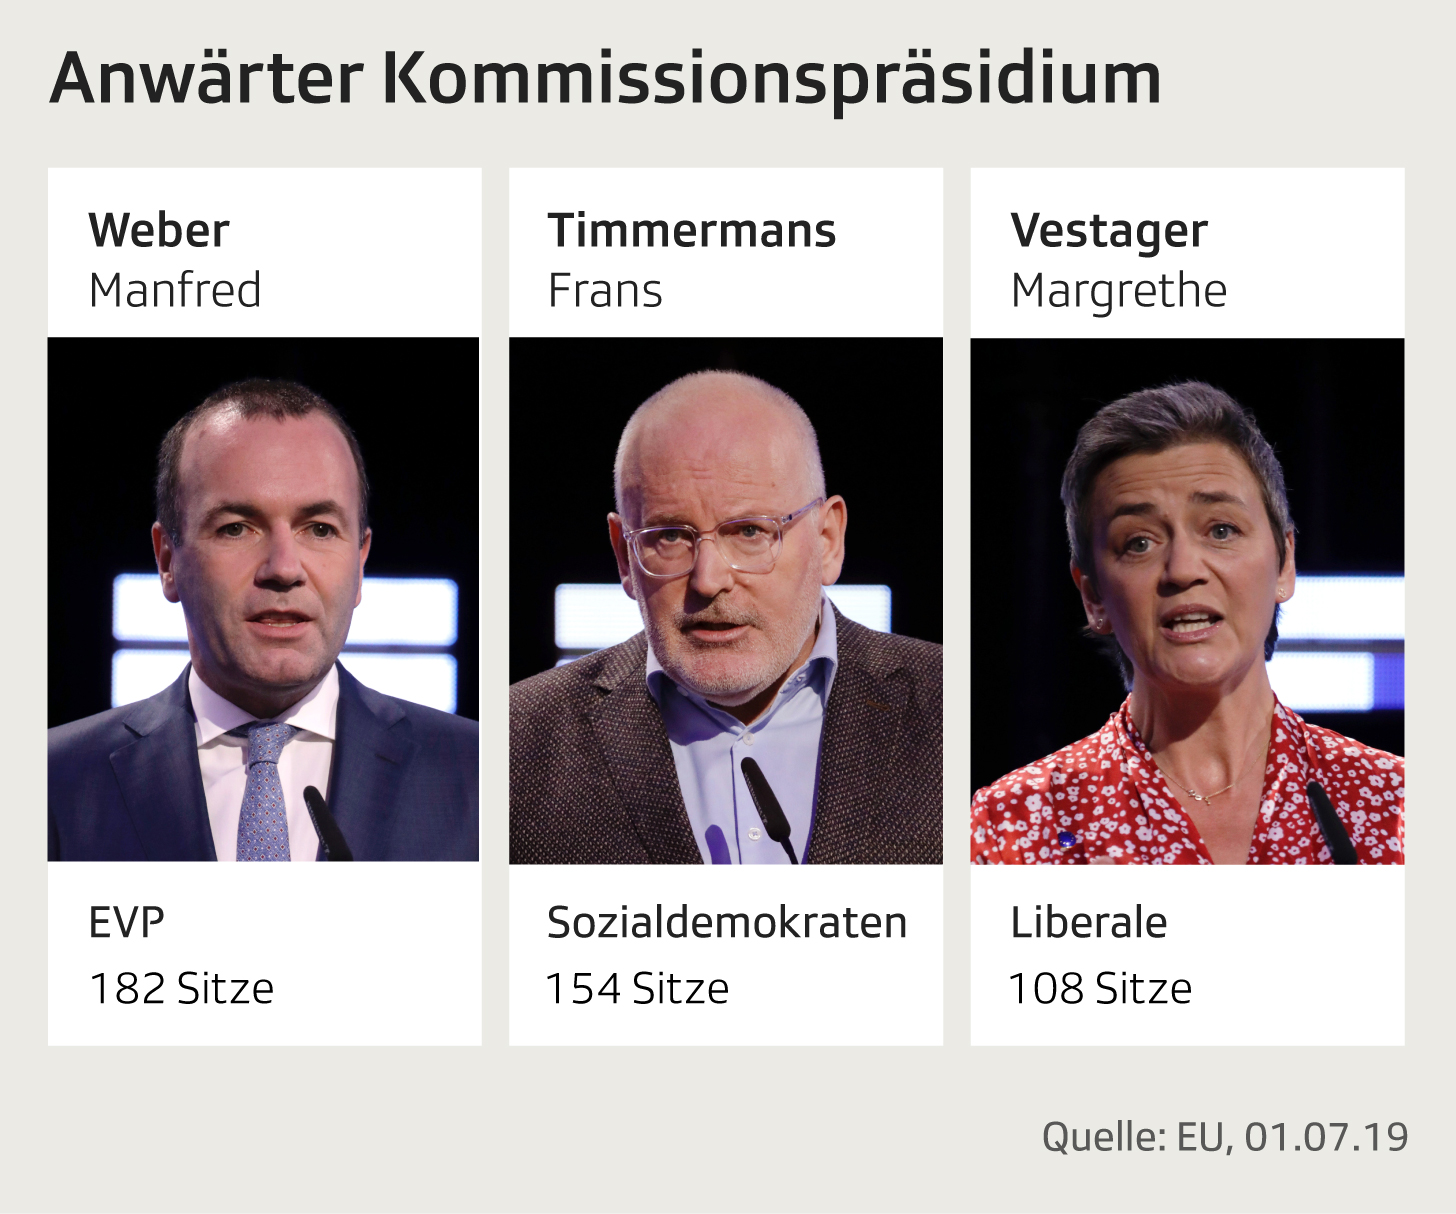 Spitzenkandidaten mit Ambitionen aufs Kommissionspräsidium